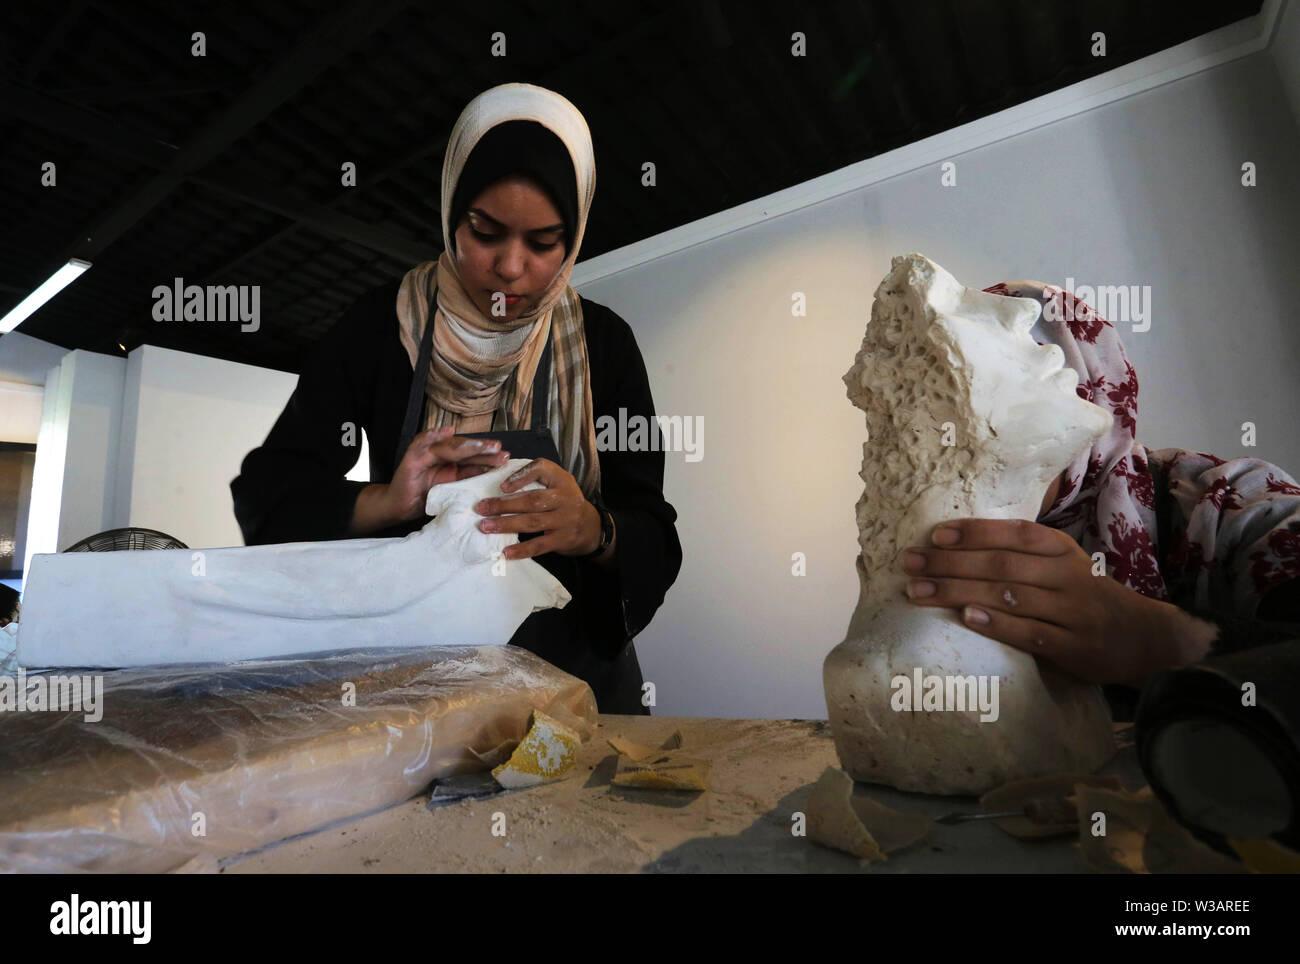 Gaza, Gazastreifen, palästinensischen Gebiet. 13. Juli, 2019. Palästinensische Künstler machen Ton Skulpturen während einer Schulung Workshop bei Shababek für Zentrum für zeitgenössische Kunst, in Gaza, den 13. Juli 2019. Die Lehrwerkstatt finanziert durch die Arabischen Fonds für Kunst und Kultur (Afac) zielt darauf ab, die Fähigkeiten der devolop junge Künstler mit modernen Werkzeugen und Materialien Quelle: Ashraf Amra/APA-Images/ZUMA Draht/Alamy leben Nachrichten Stockbild